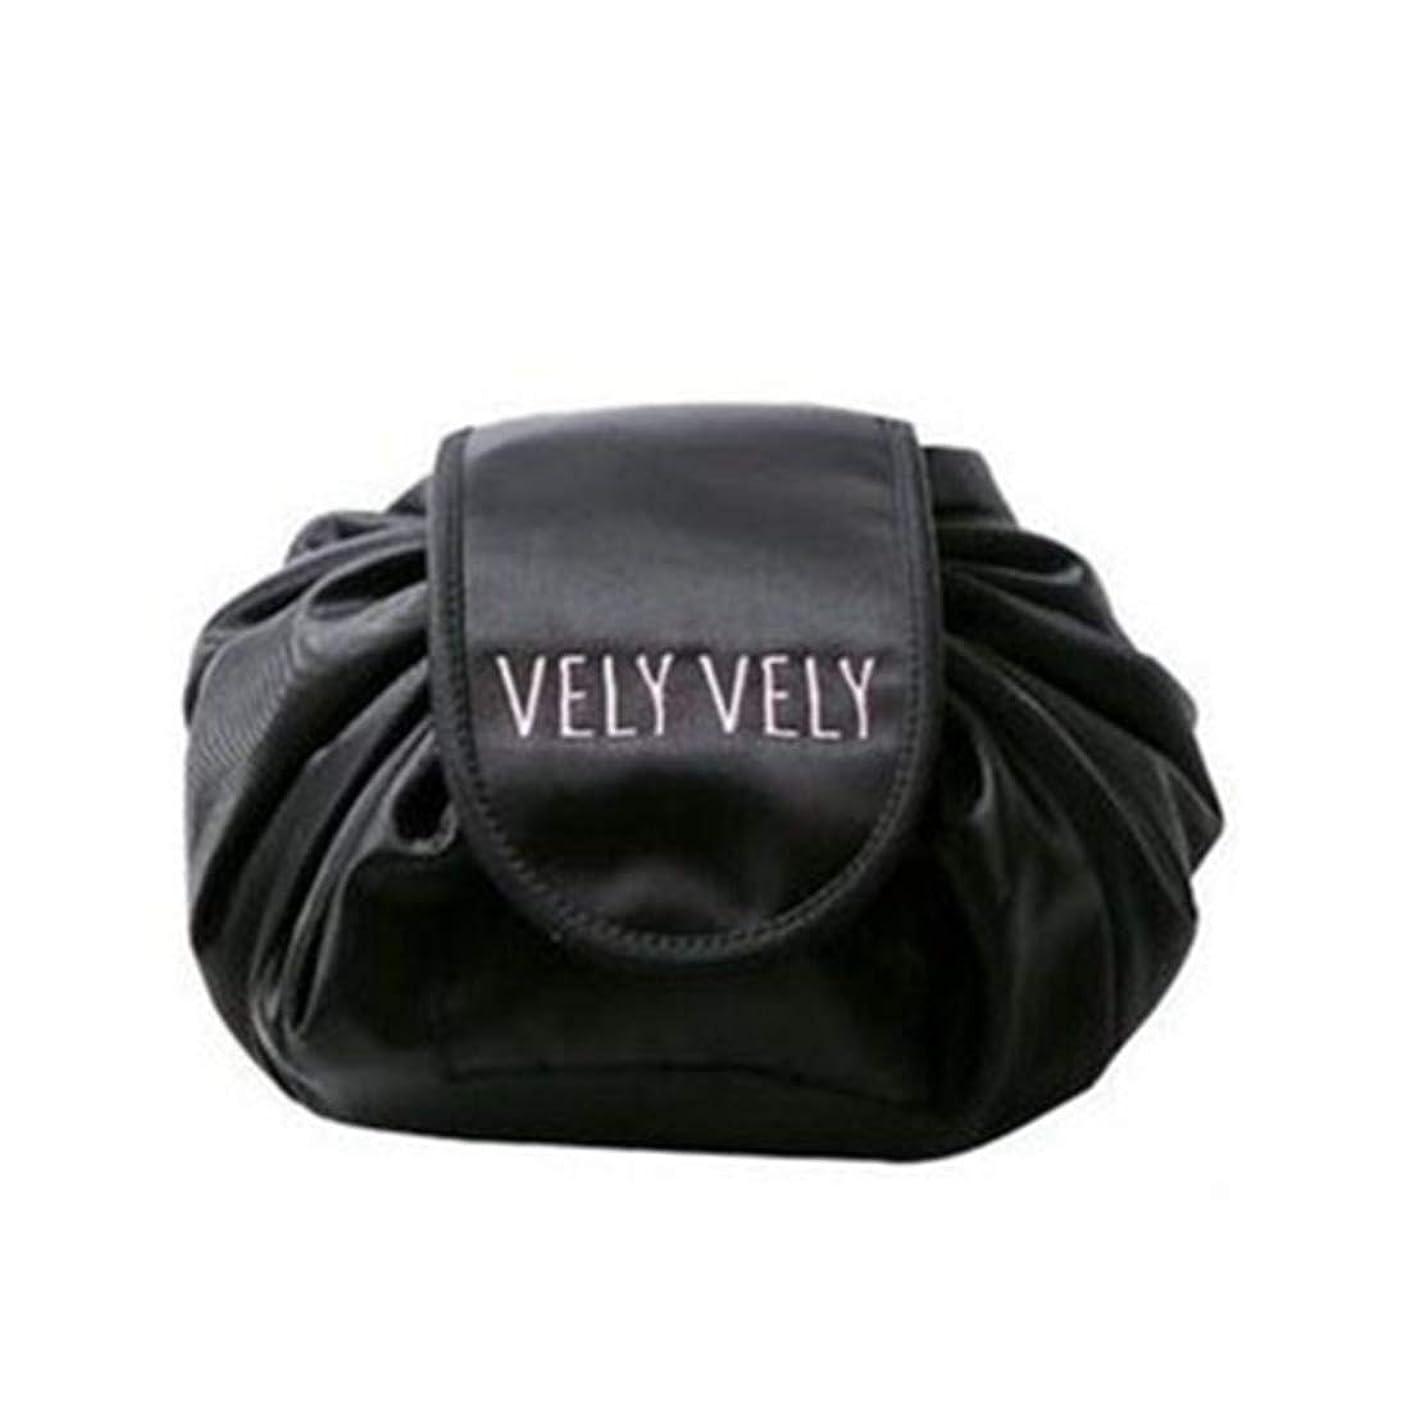 真似る海外でベーリング海峡[テンカ]化粧バッグ 収納 メイクバッグ 化粧ポーチ 大容量 レディース 旅行 おしゃれ 折畳式 巾着型 防水